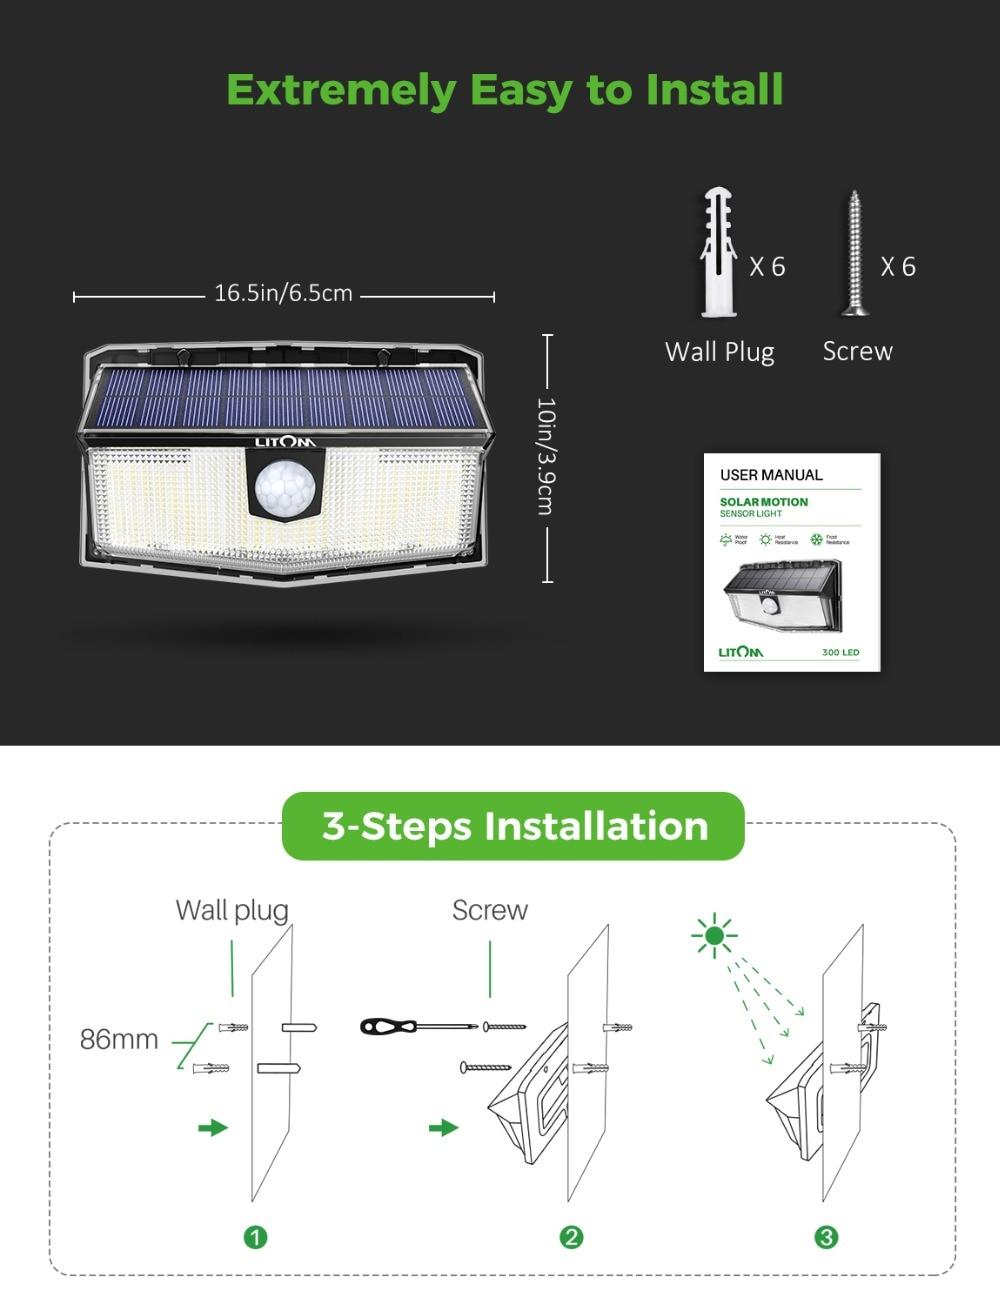 2 Pack LITOM 300 LED Solar Lights Garden Upgraded PIR Motion Sensor Lights IP67 Waterproof 3 Intelligent Modes Solar Wall Lights (5)